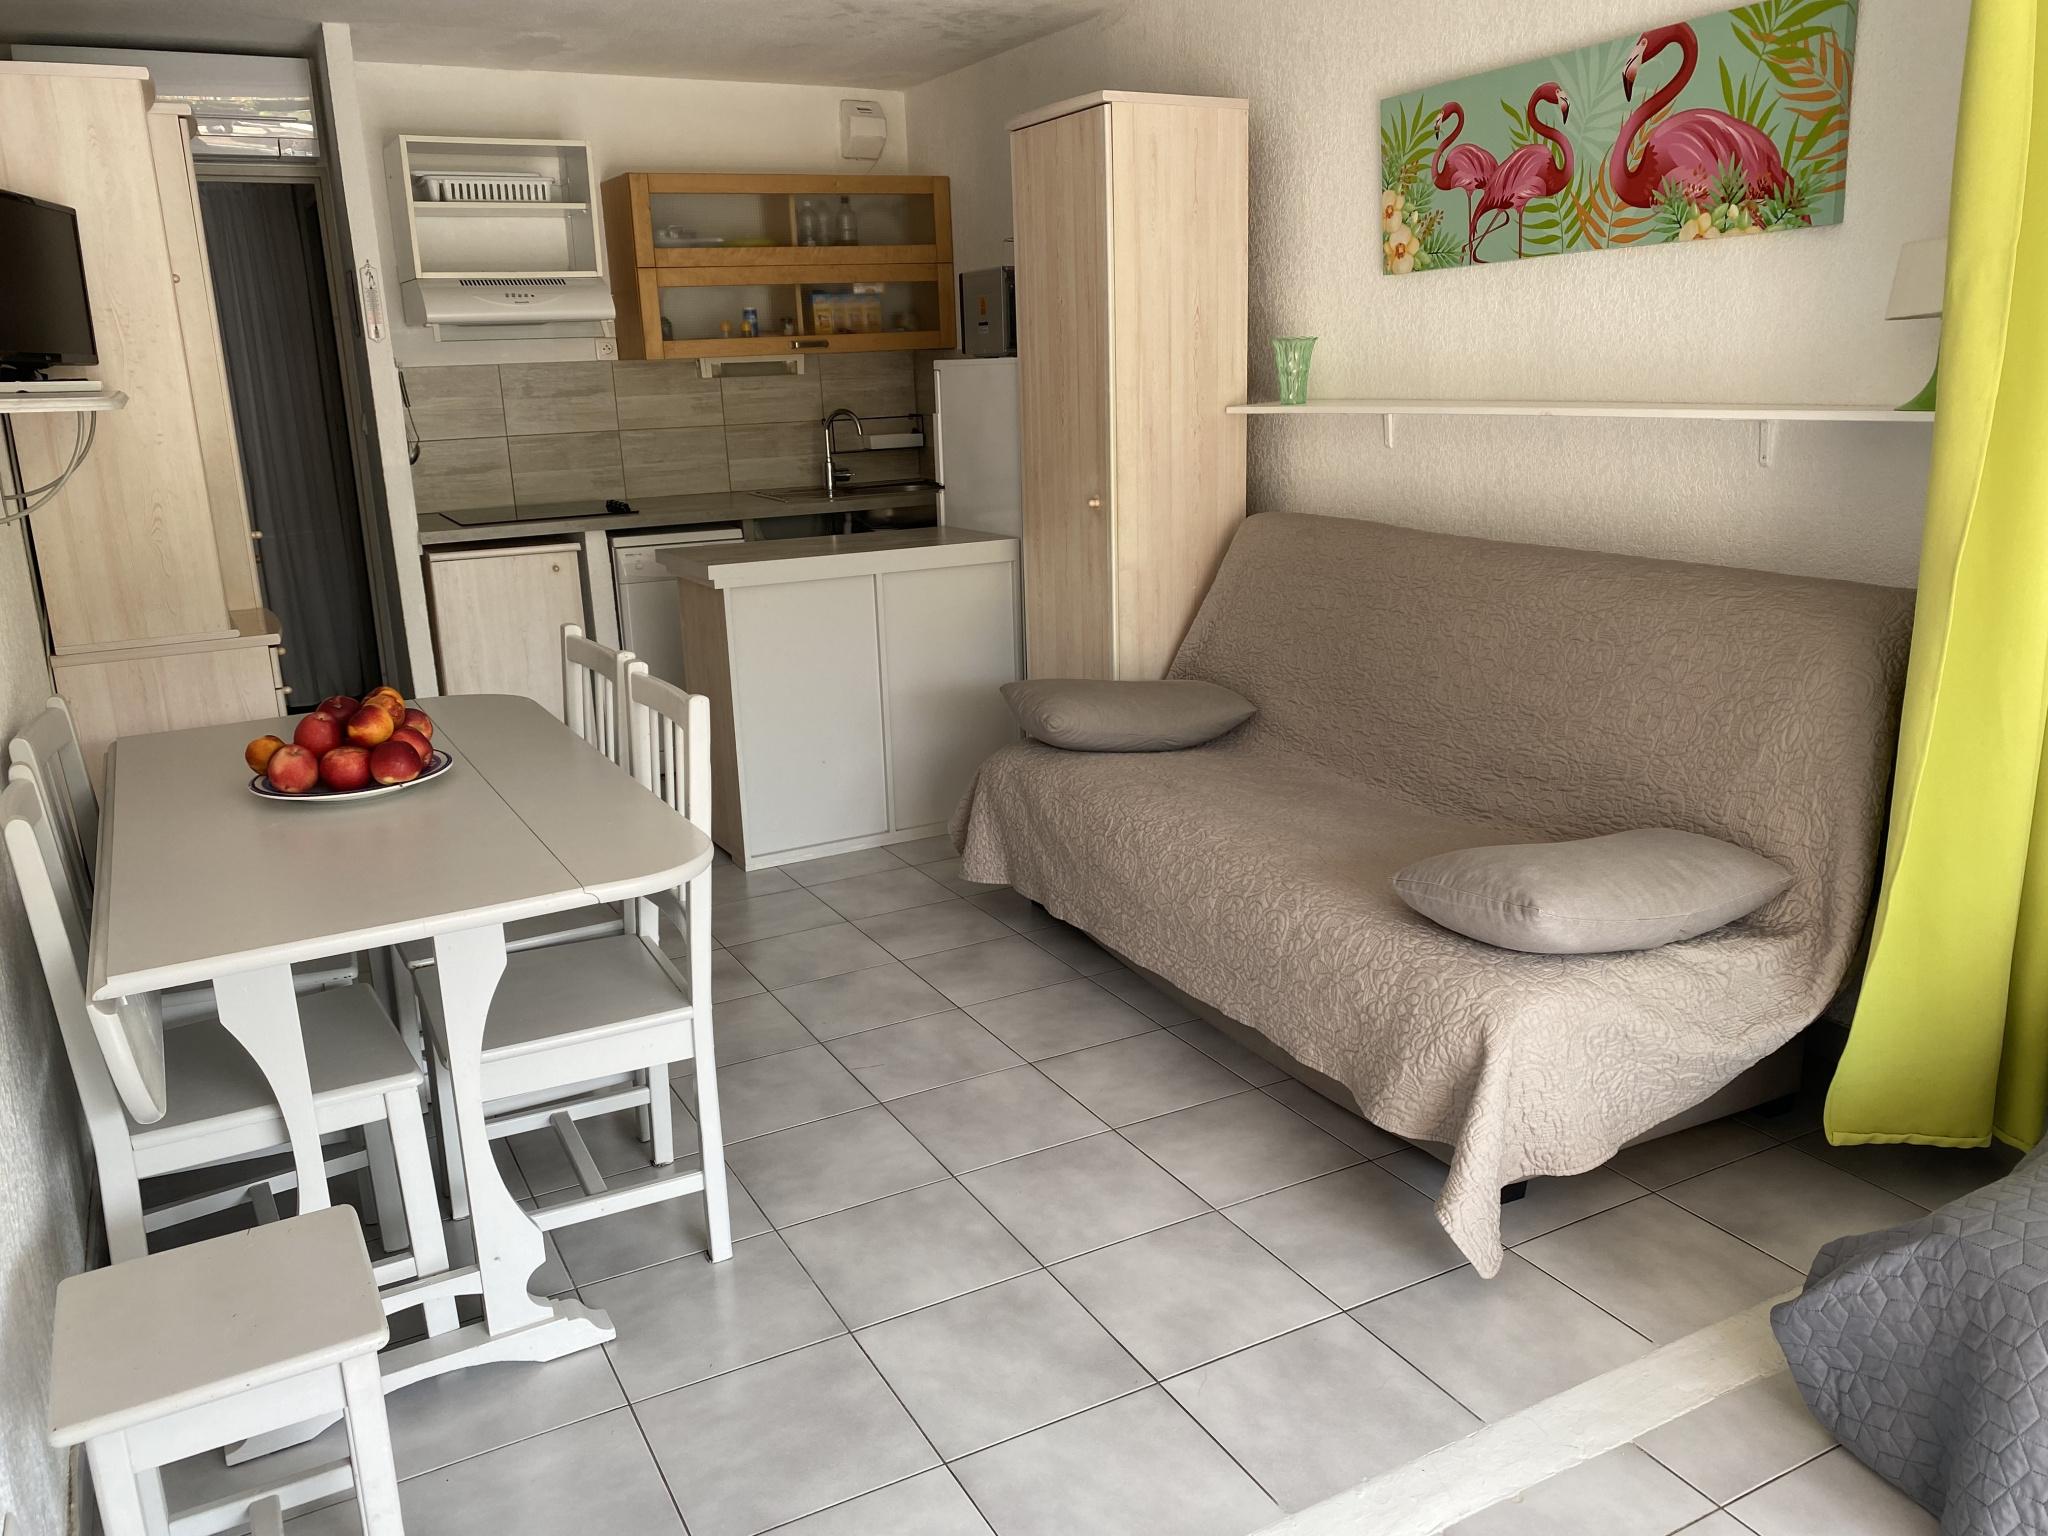 À vendre appartement de 25m2 à argeles sur mer (66700) - Photo 4'